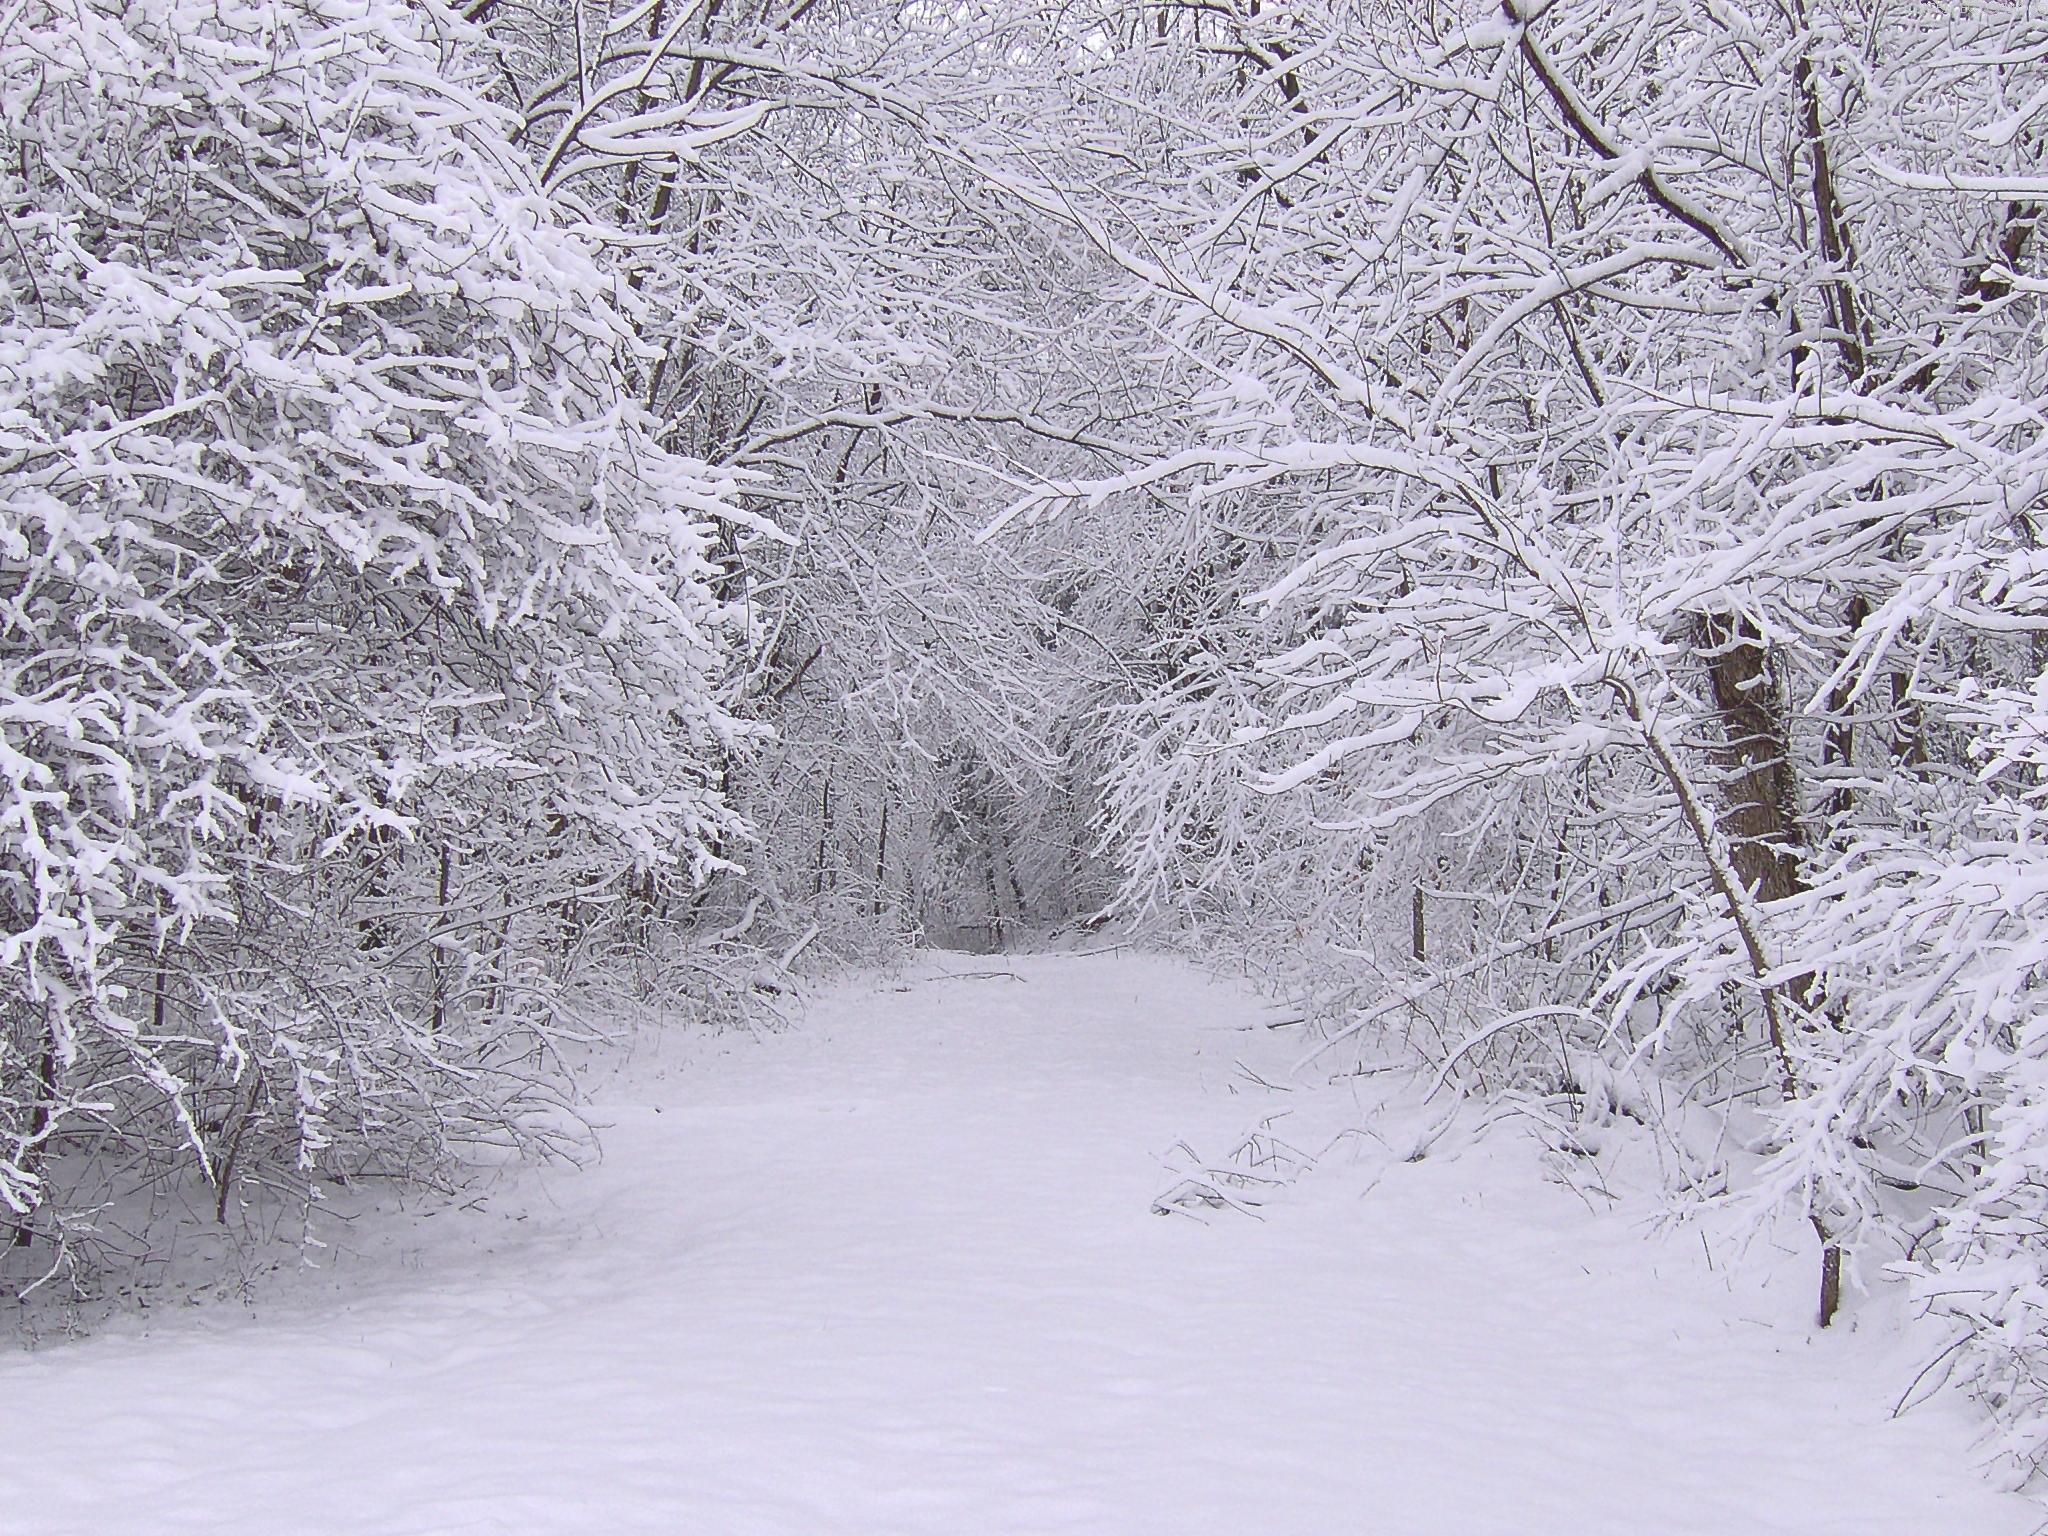 15191 descargar fondo de pantalla Paisaje, Invierno, Árboles, Carreteras, Nieve: protectores de pantalla e imágenes gratis